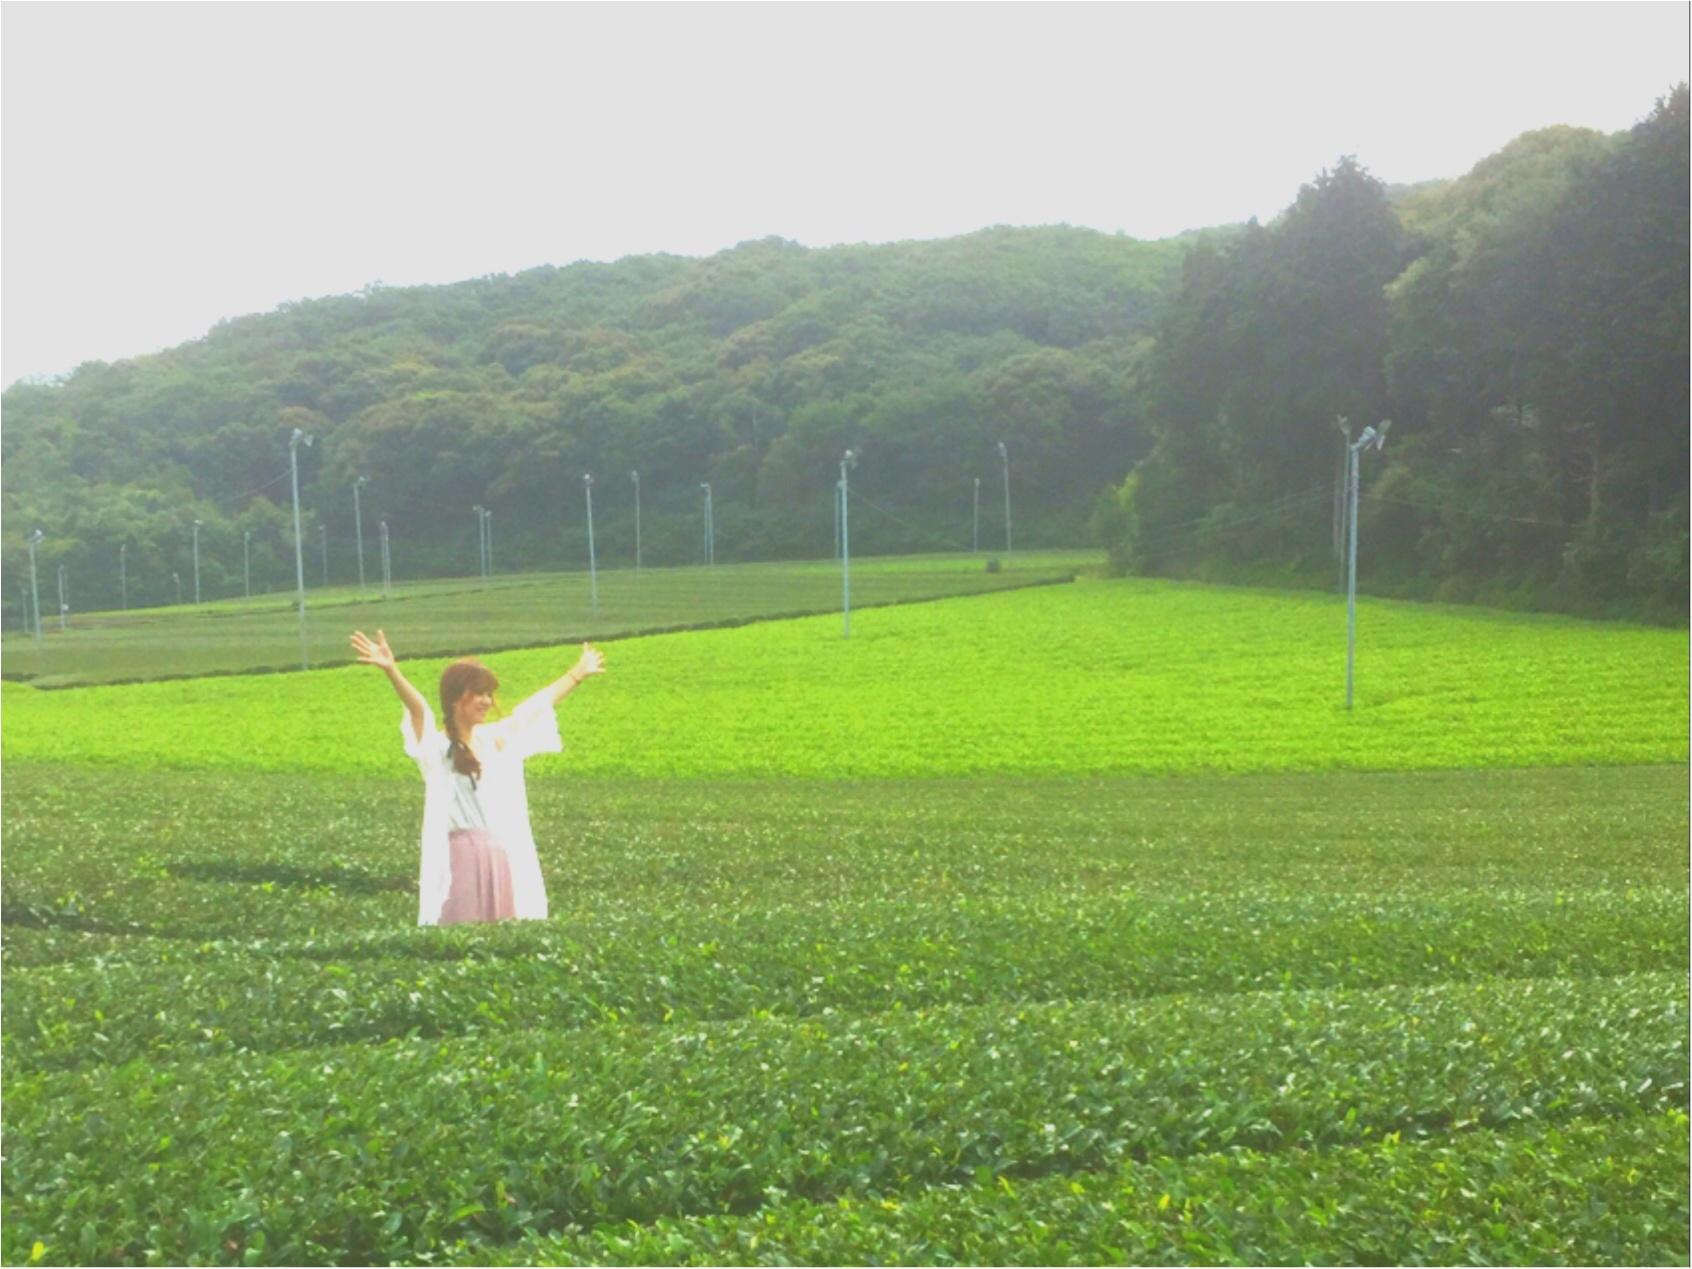 メロン好きは必見♡【名倉メロン農場】のメロンづくしのカフェに行ってきました♡_1